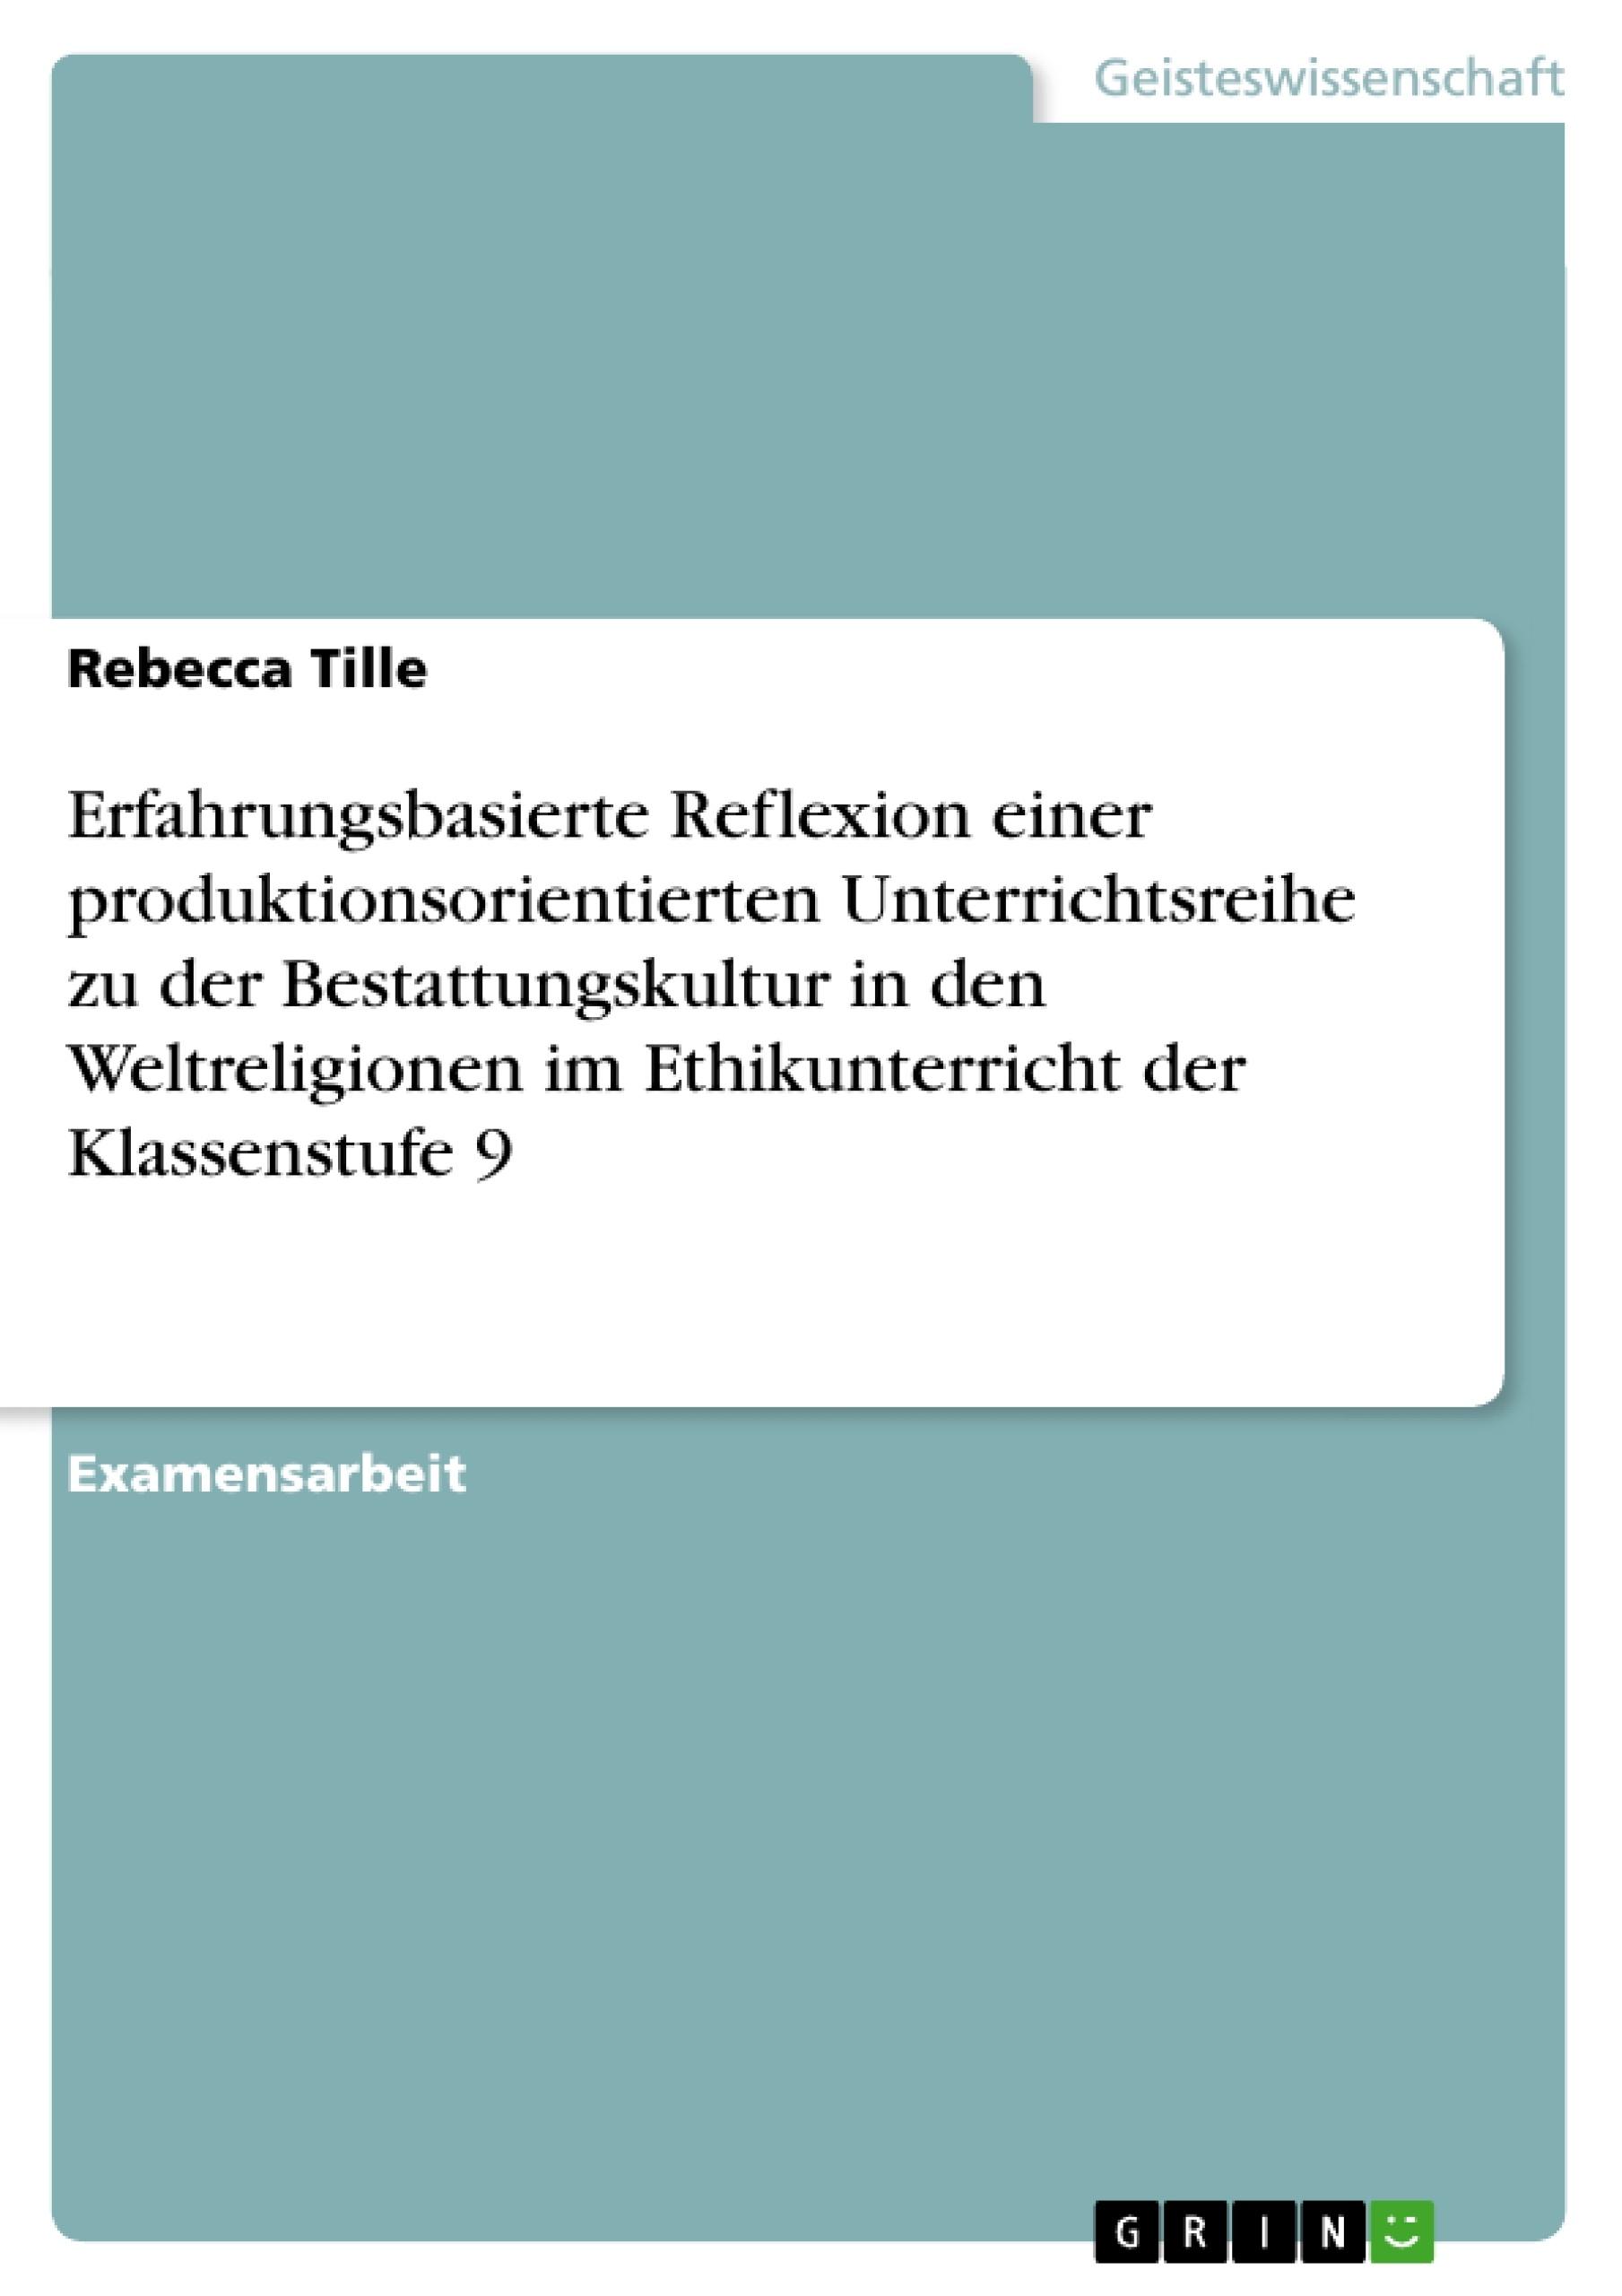 Titel: Erfahrungsbasierte Reflexion einer produktionsorientierten Unterrichtsreihe zu der Bestattungskultur in den Weltreligionen im Ethikunterricht der Klassenstufe 9